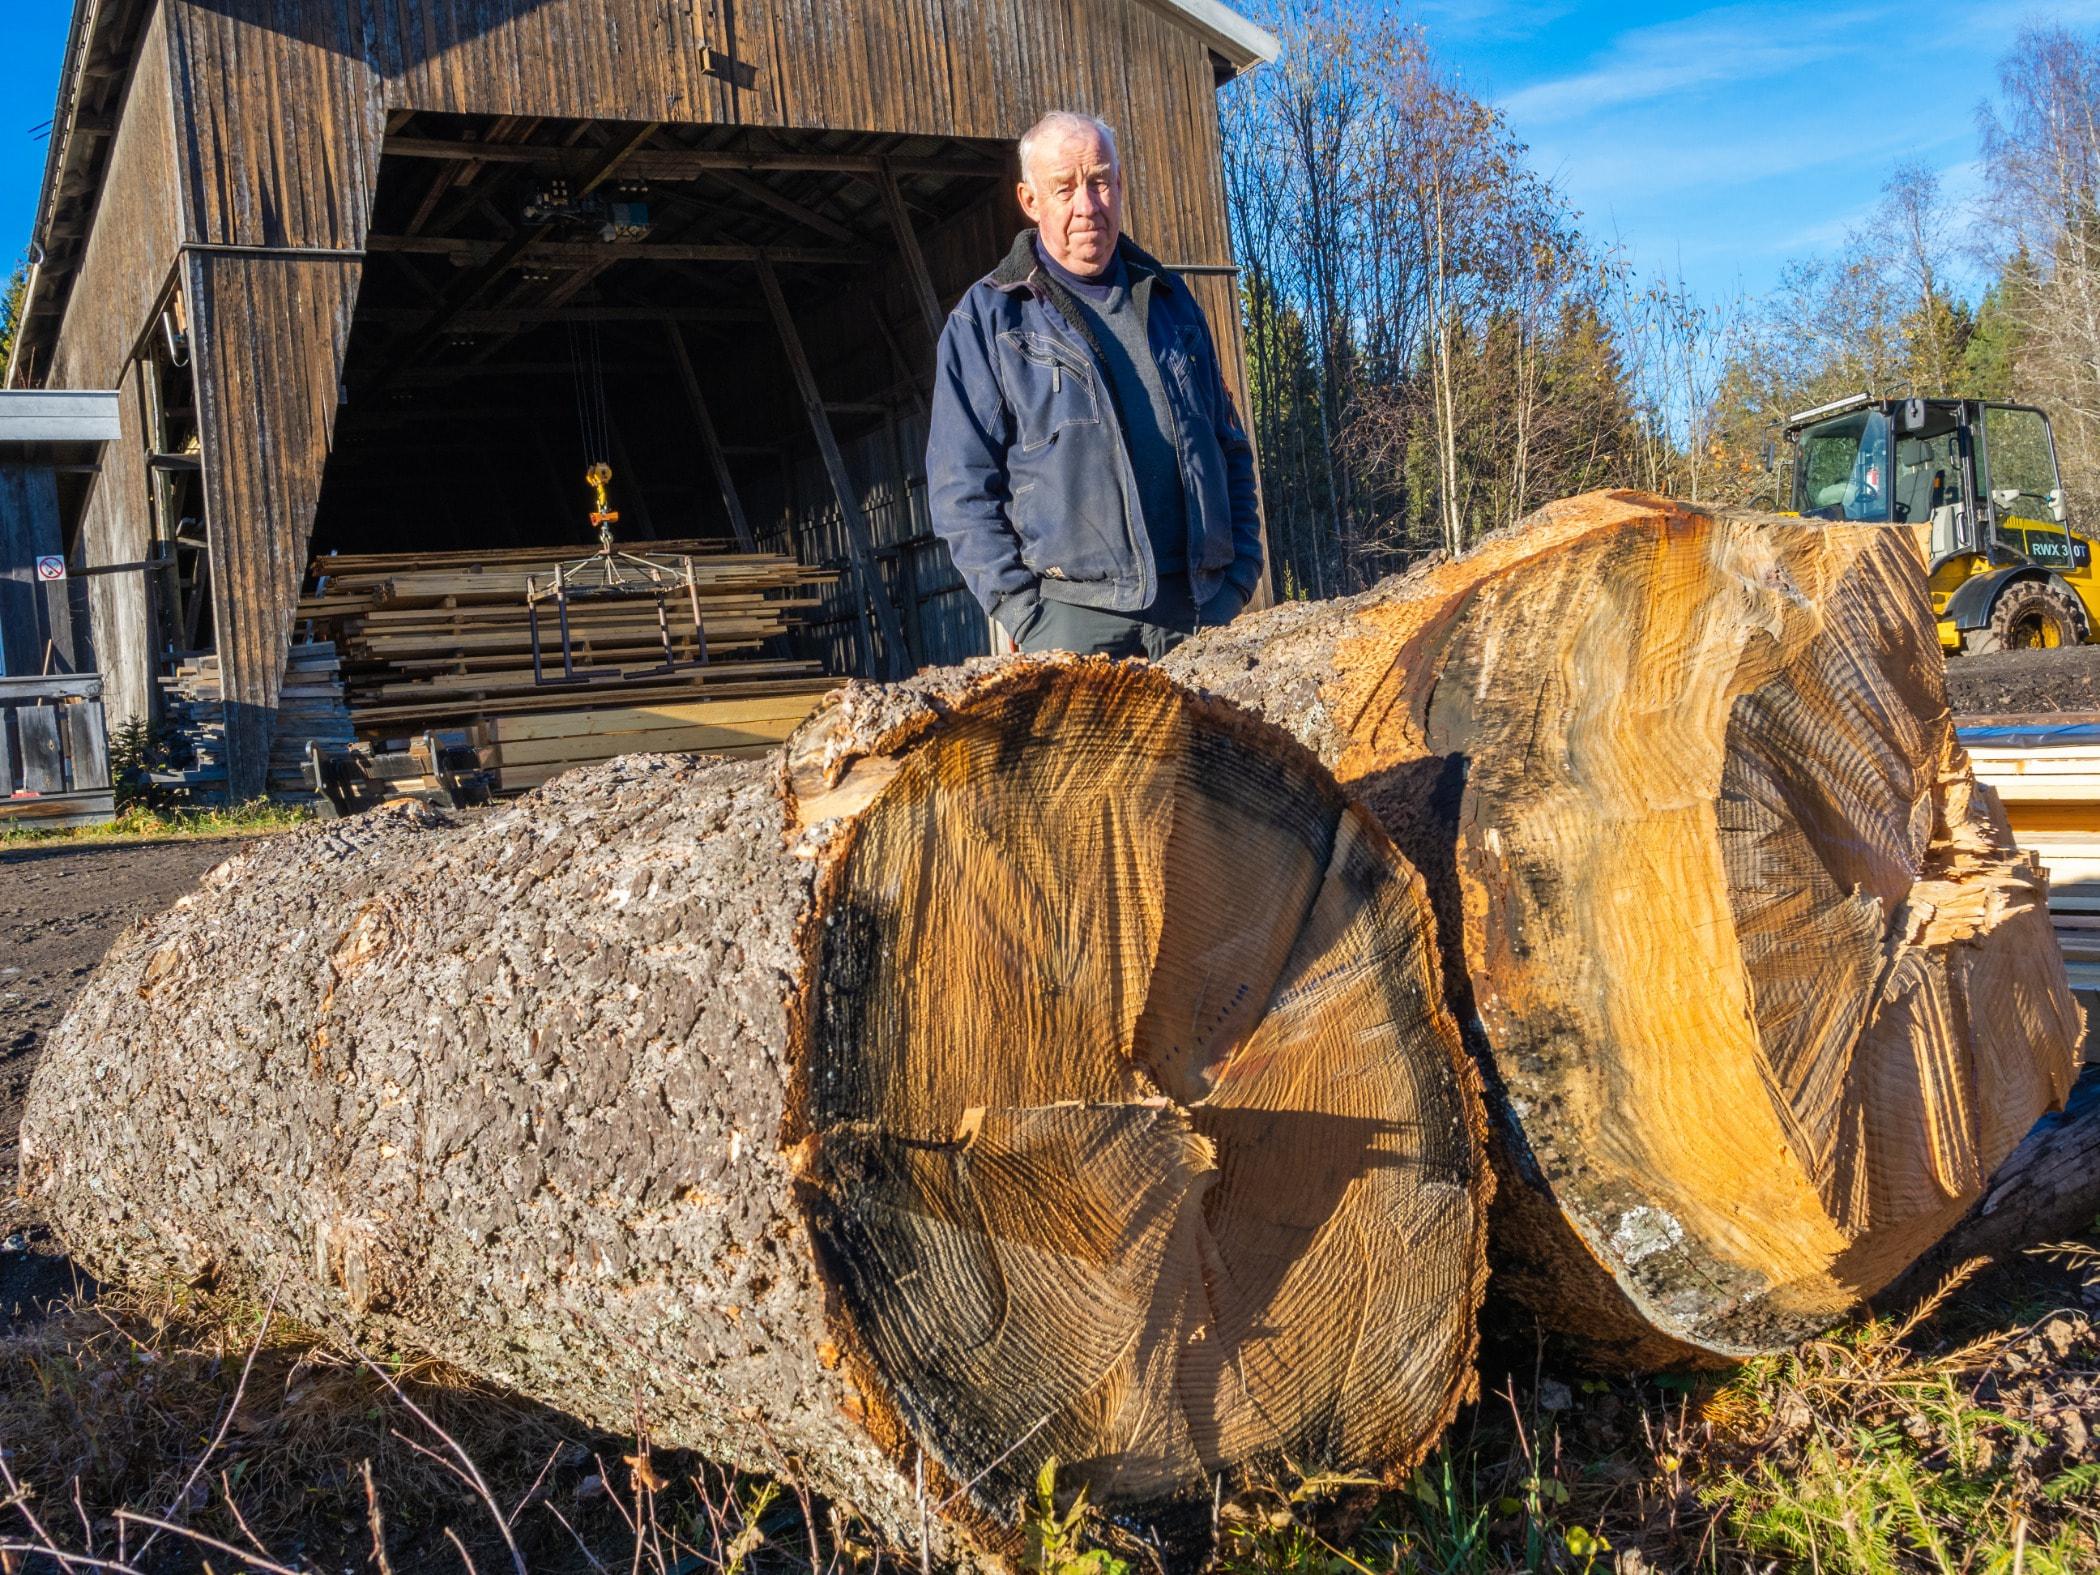 Tree stump, Lumber, Logging, Wood